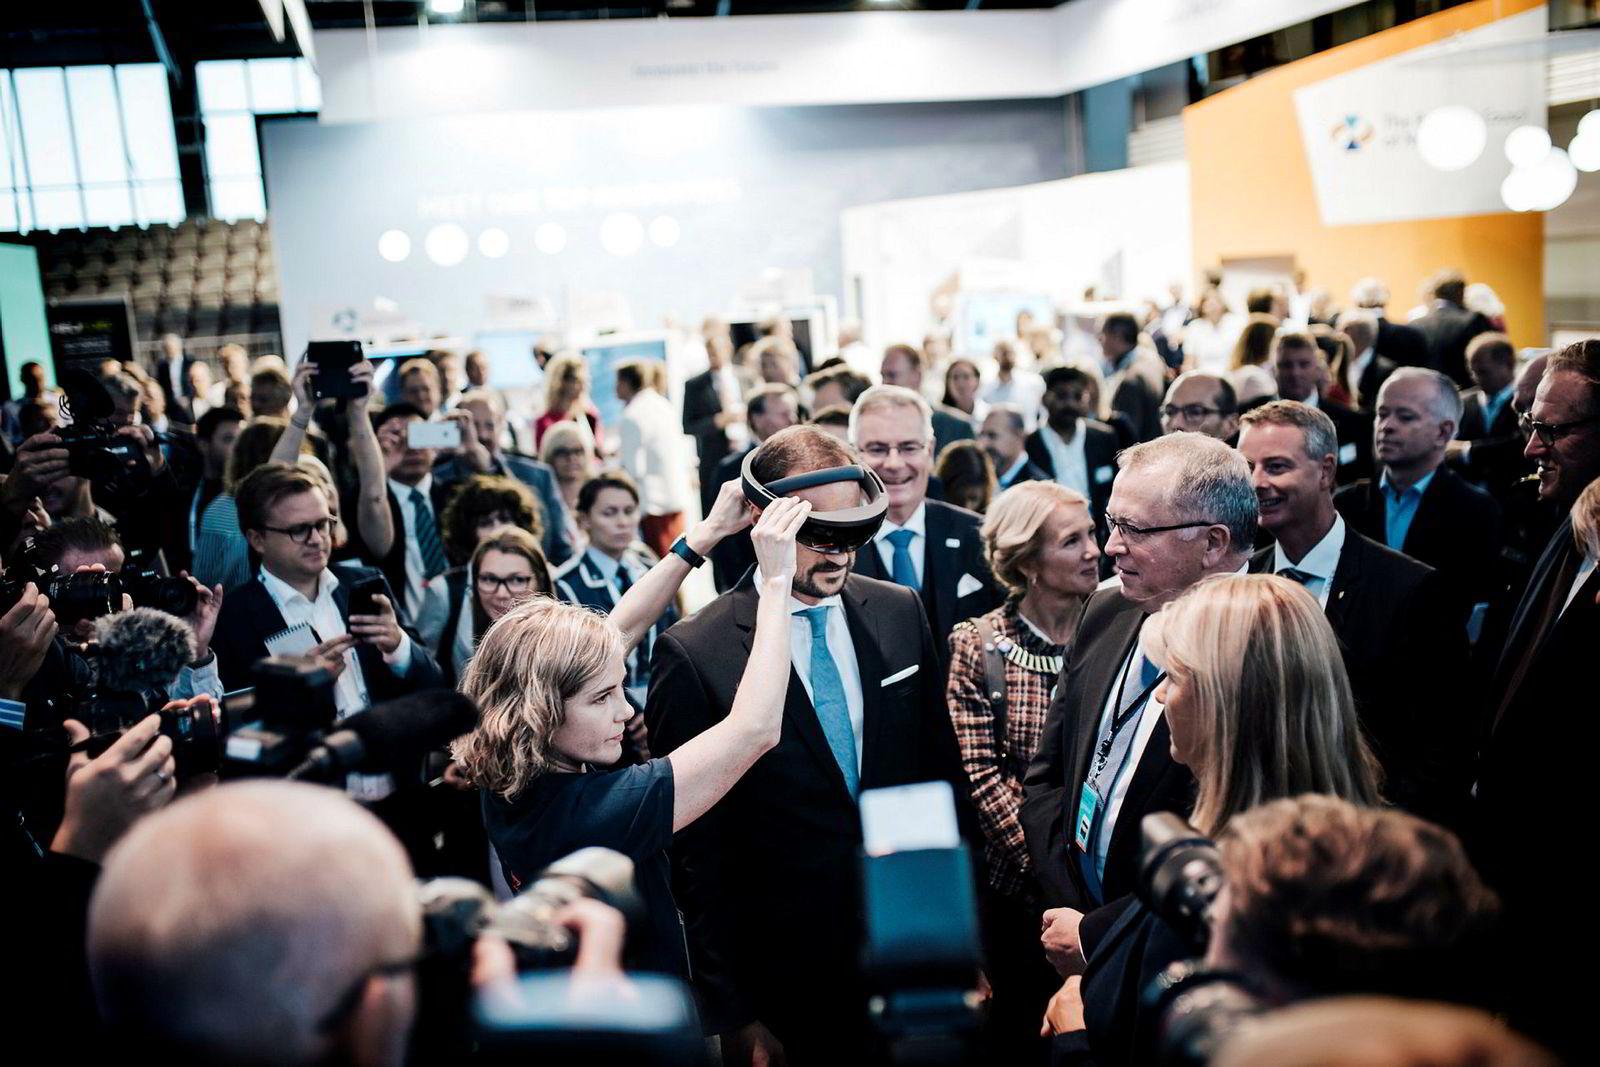 Kronprins Haakon fikk en virtuell omvisning av Equinor i forbindelse med at selskapet leverte inn utbyggingsplanen for fase to av gigantfeltet Johan Sverdrup. TIl høyre toppsjef Eldar Sætre, flankert av stavangerordfører Christine Sagen Helgø og prosjektdirektør Margareth Øvrum.Bak dem står olje- og energiminister Terje Søviknes.